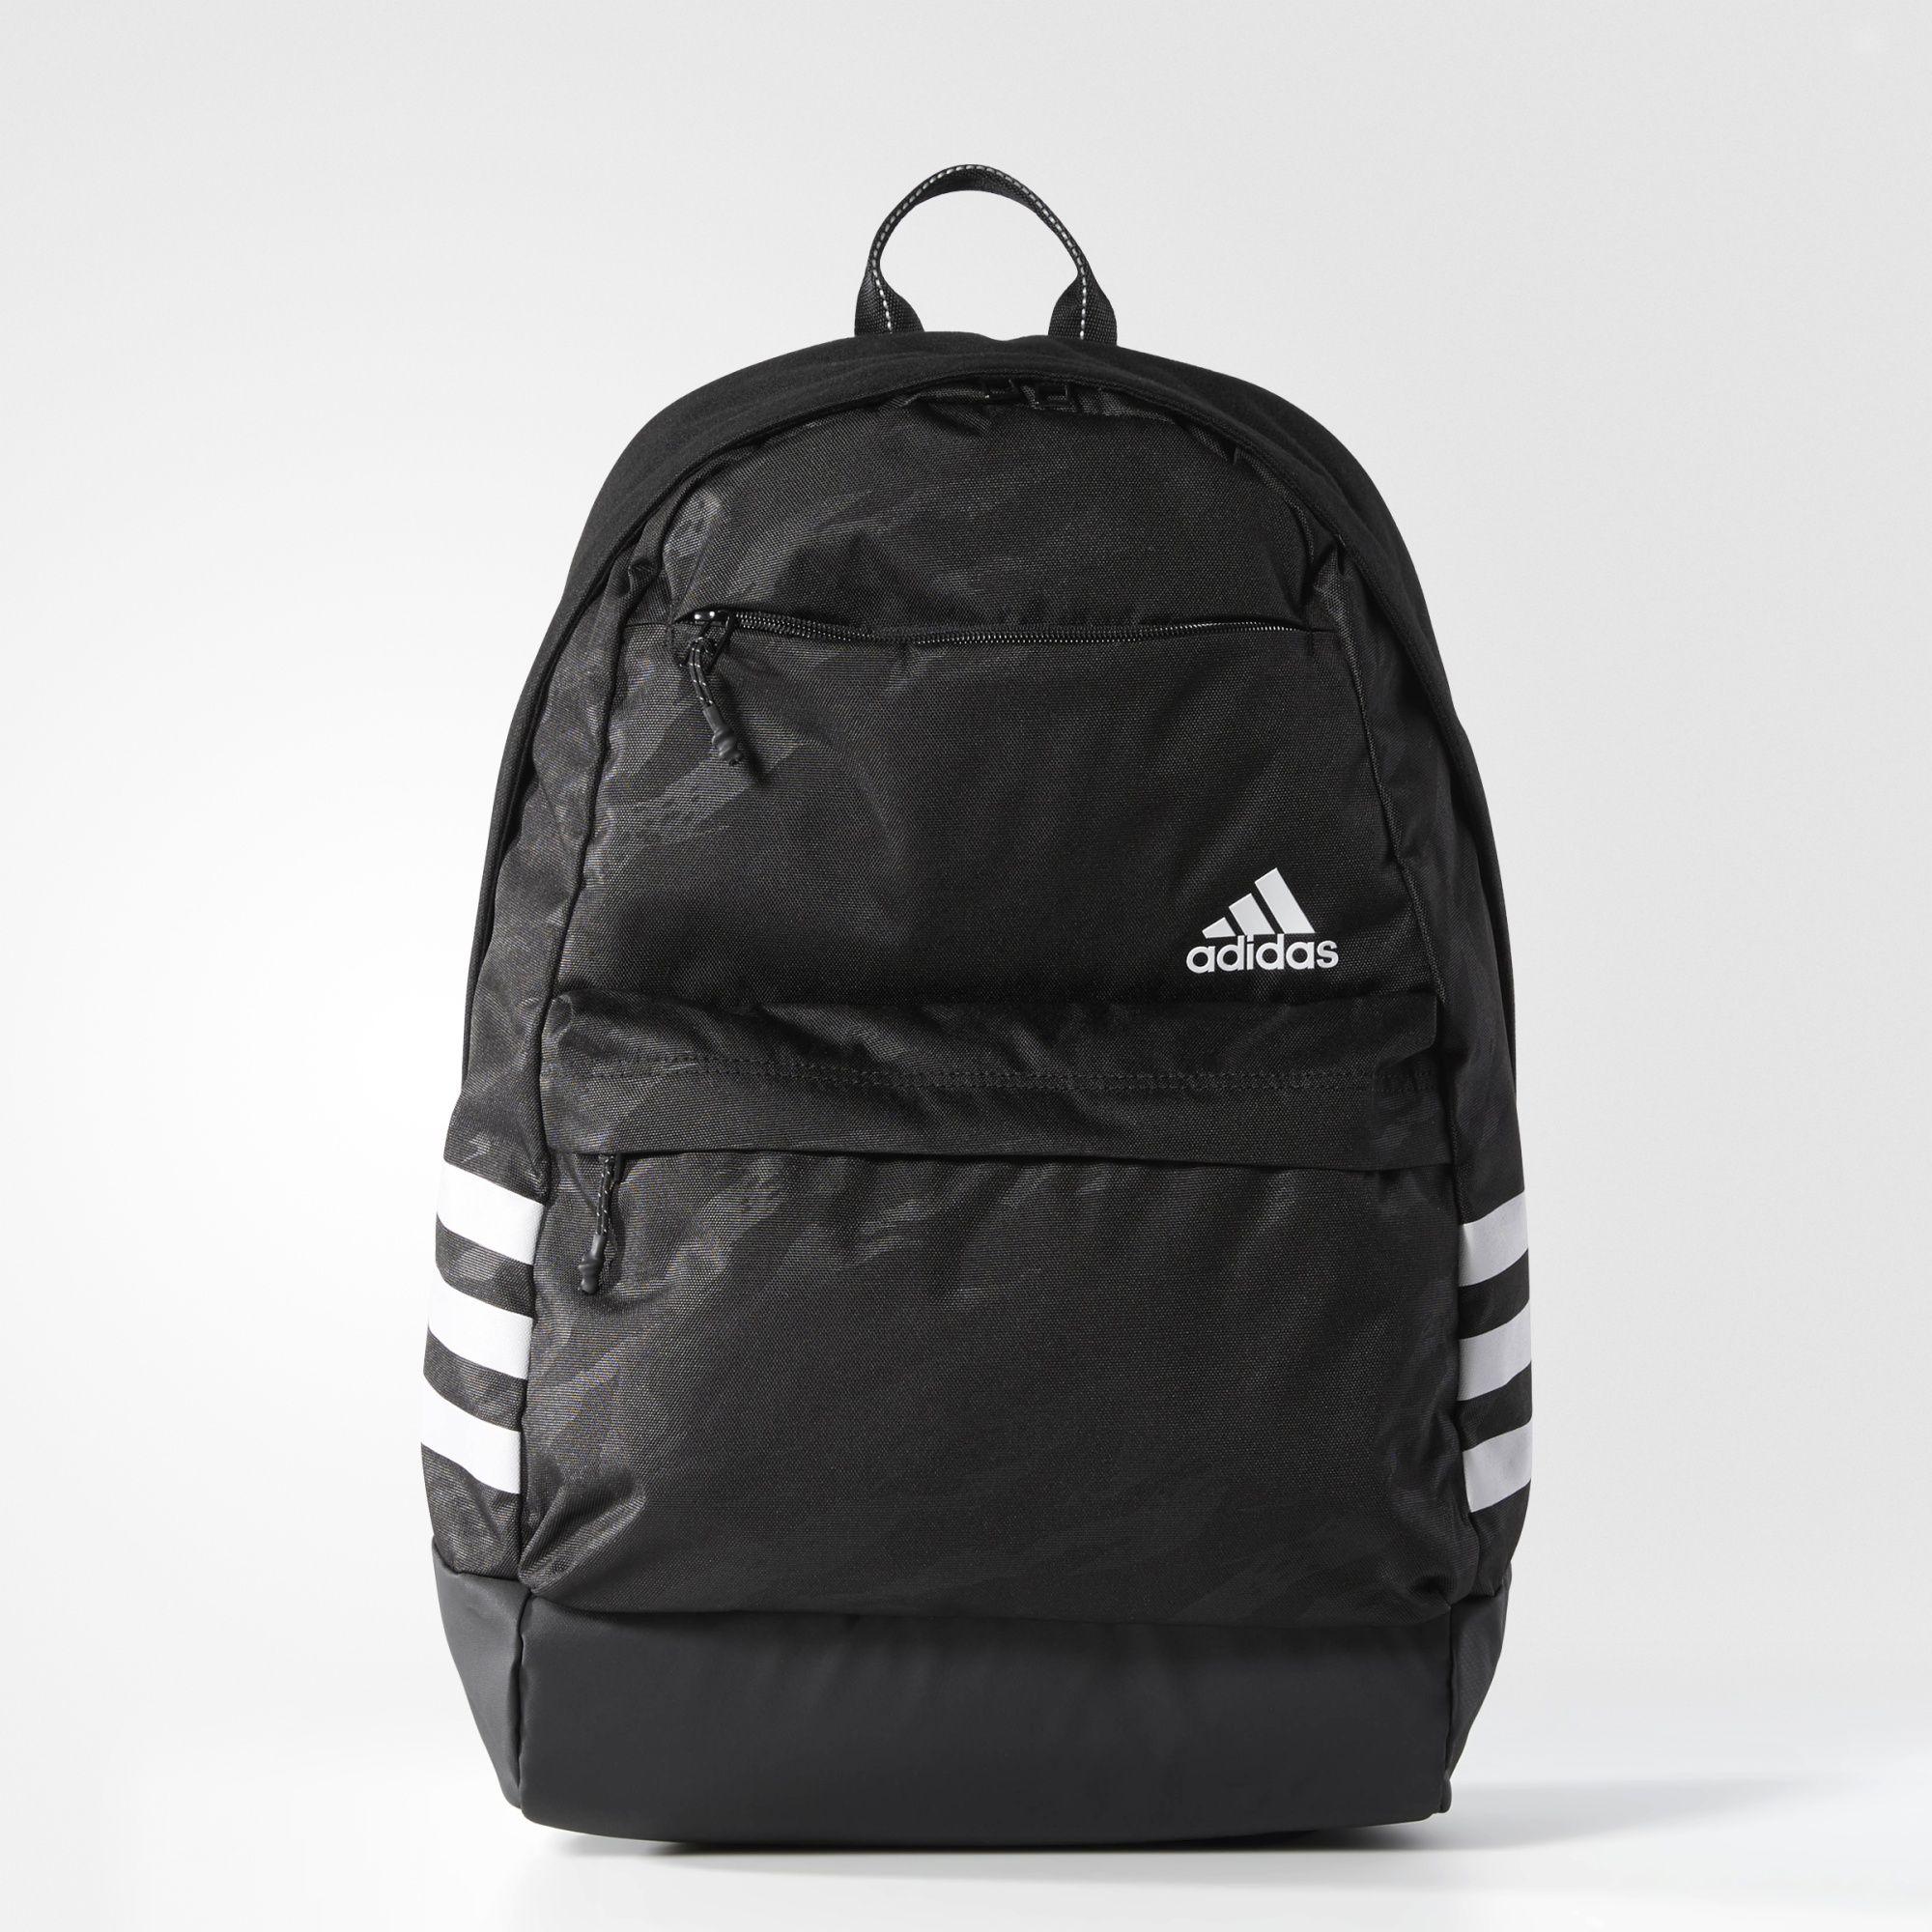 Daybreak backpack backpacks bags backpack bags